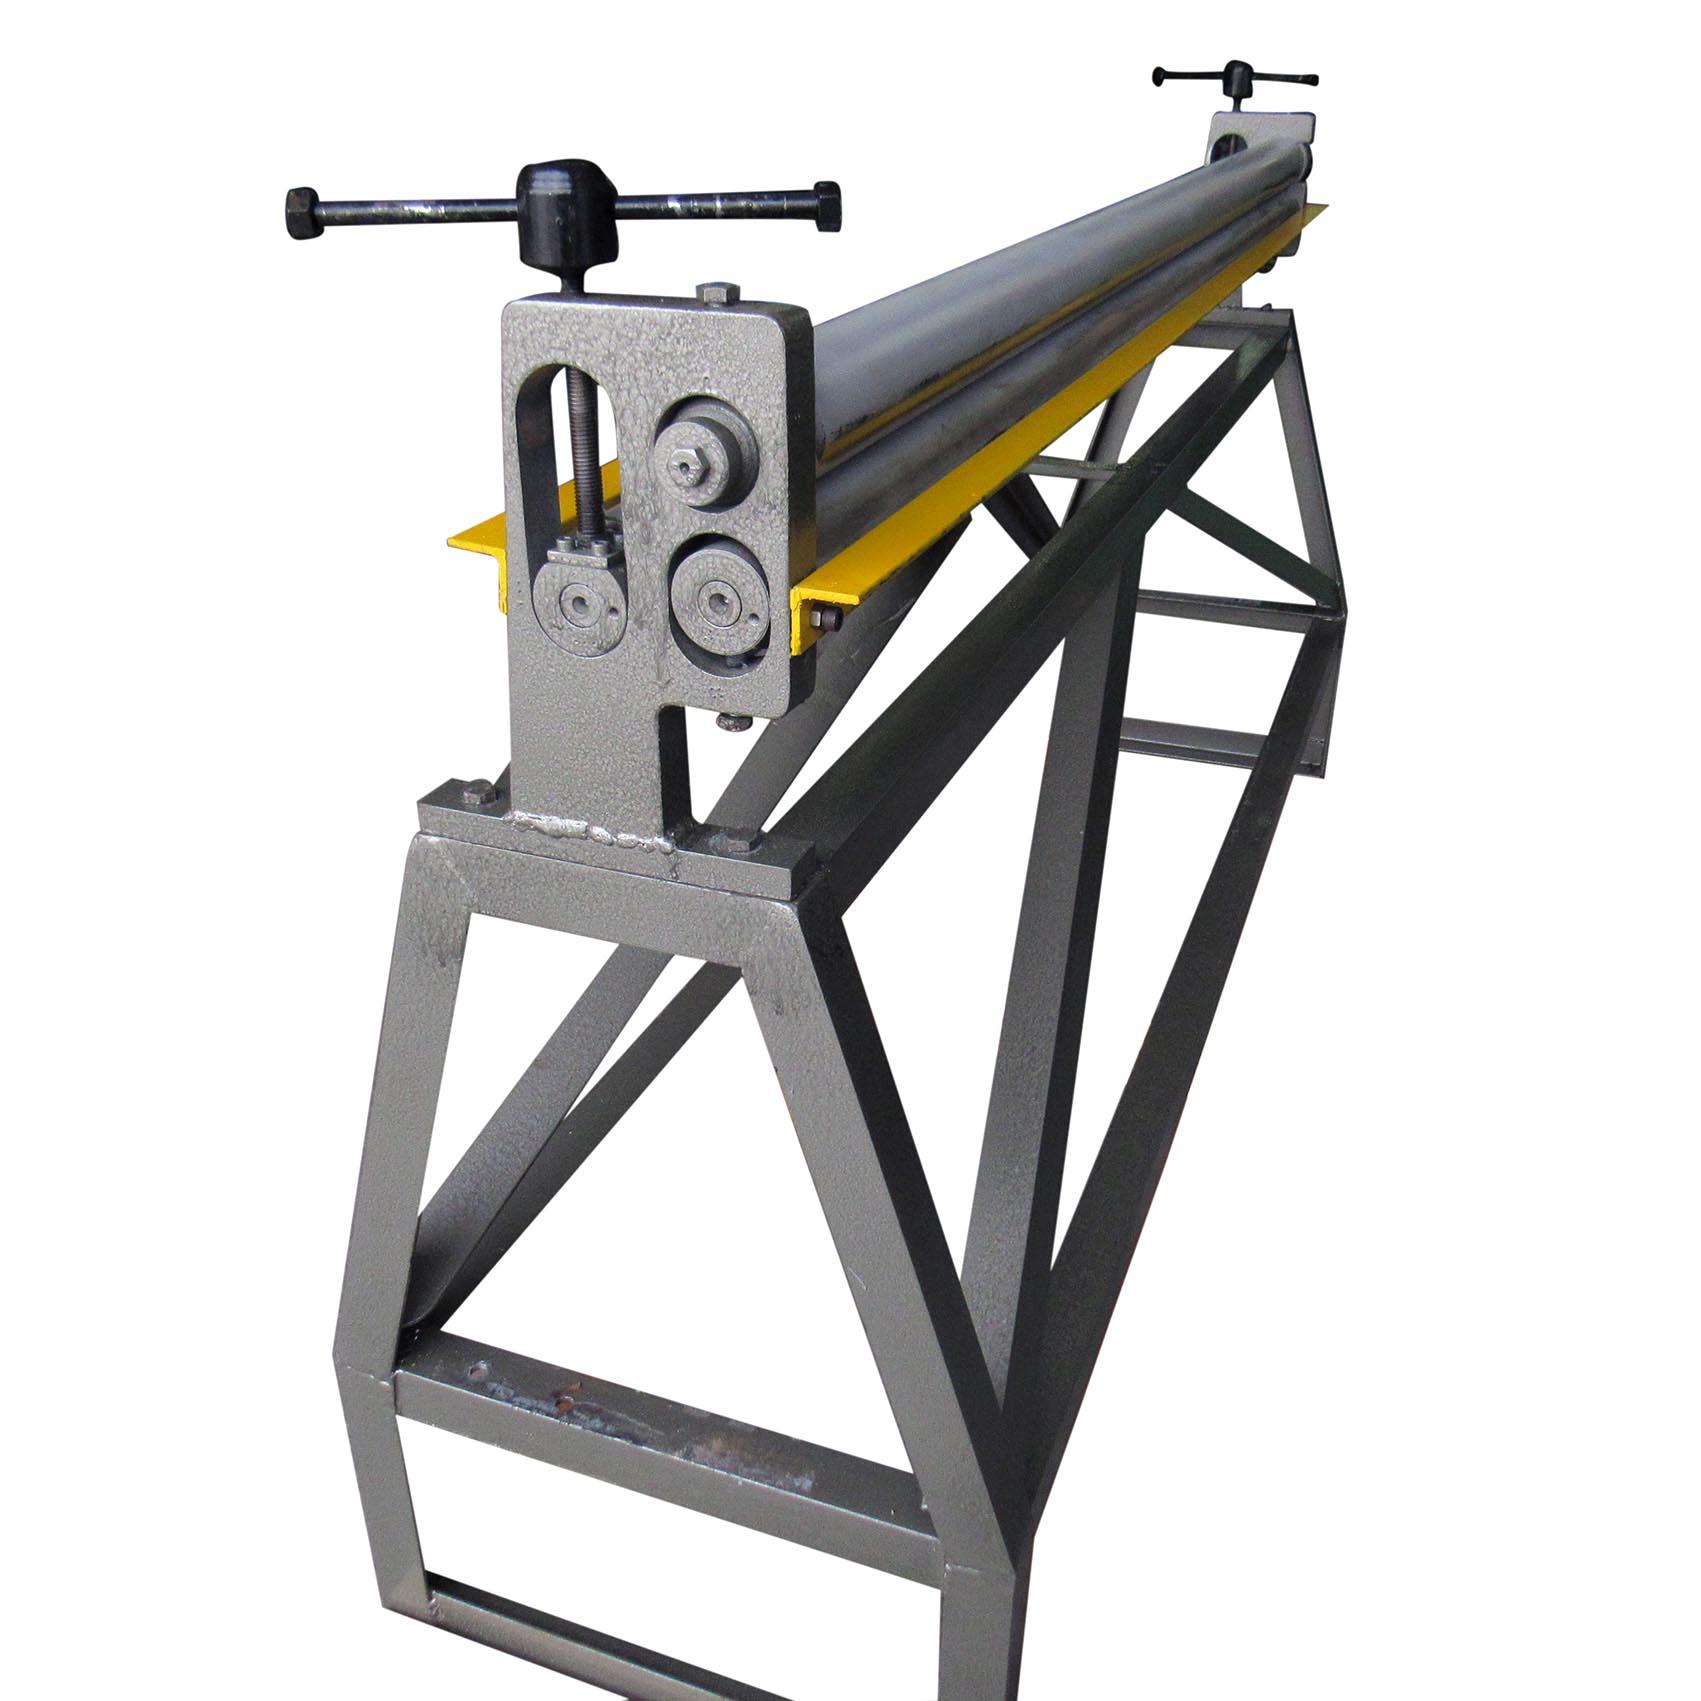 Calandra Para Chapas RMI 2025 X 1.5 mm Cd14